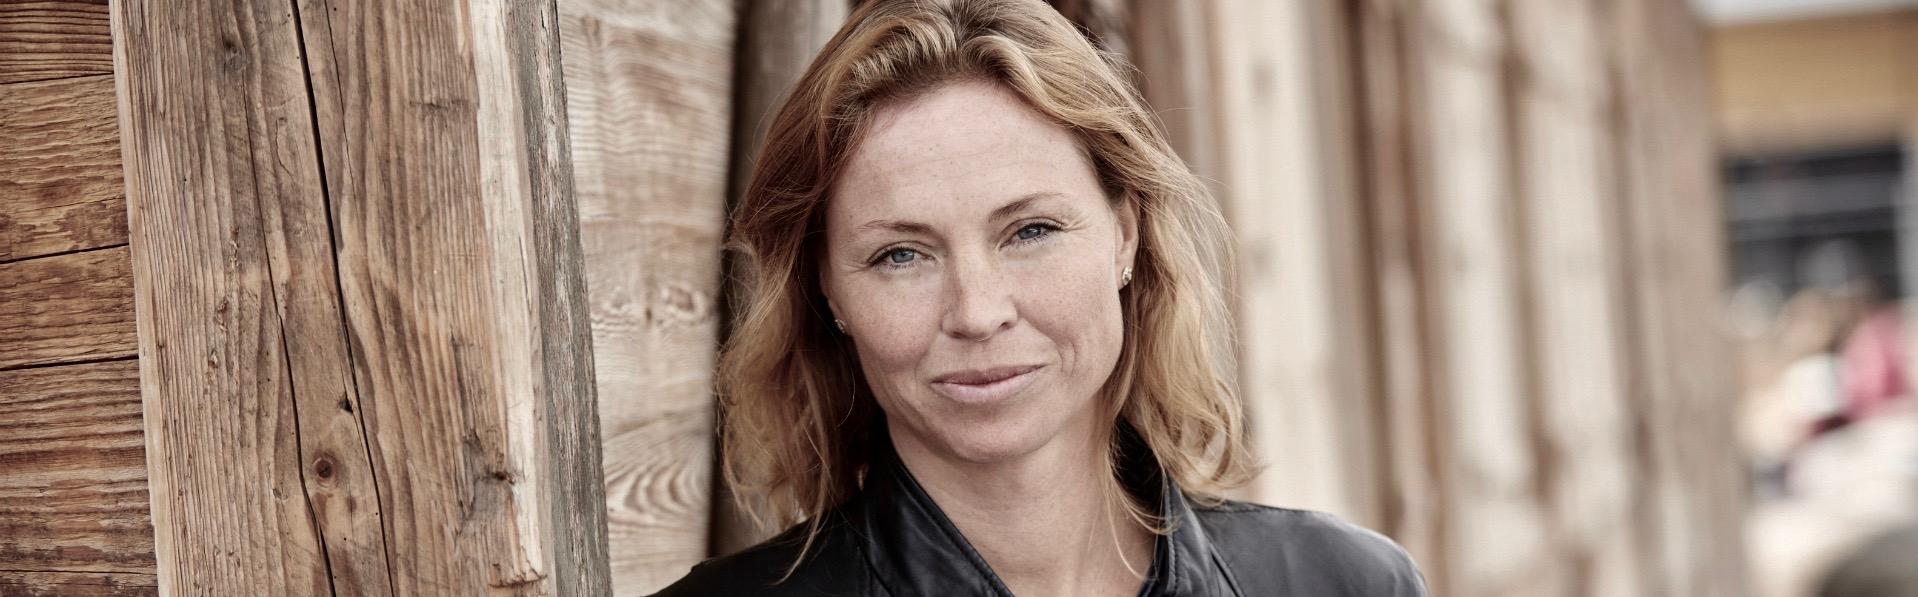 Ute Watzl, freie Journalistin Bergsport, Bergreisen, alpine Kultur